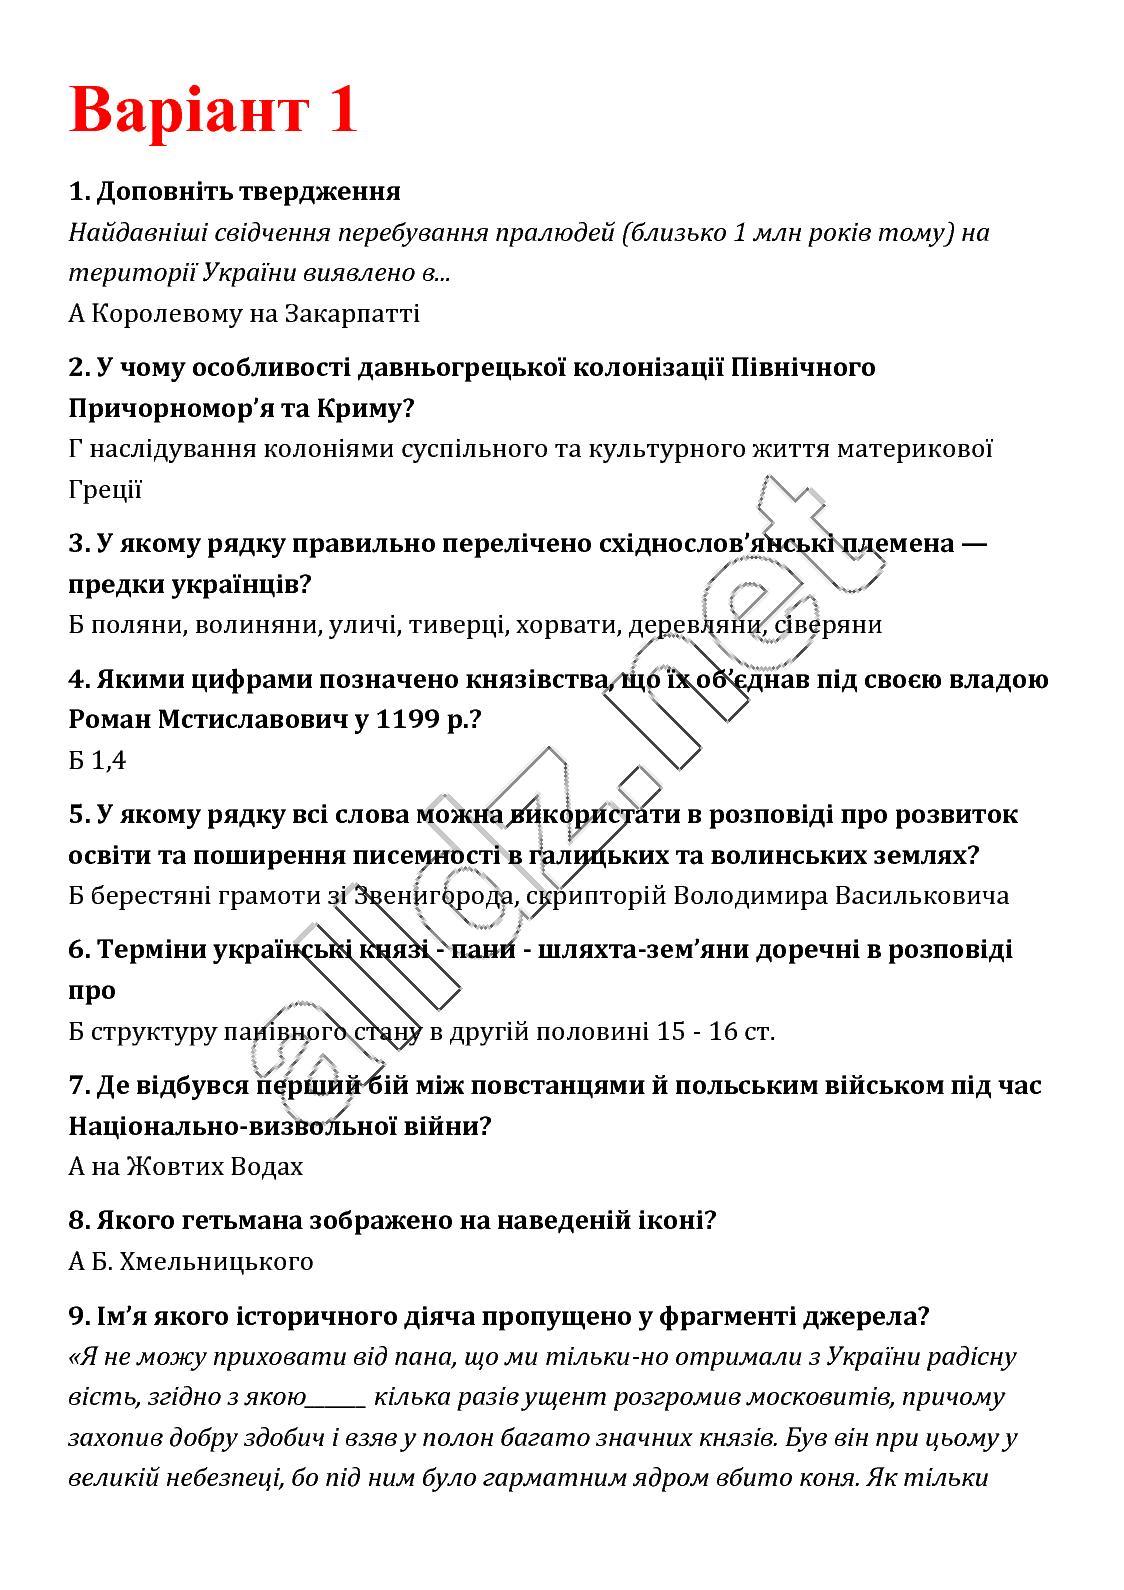 ДПА 2018 9 клас Історія України Власов Відповіді до збірника завдань